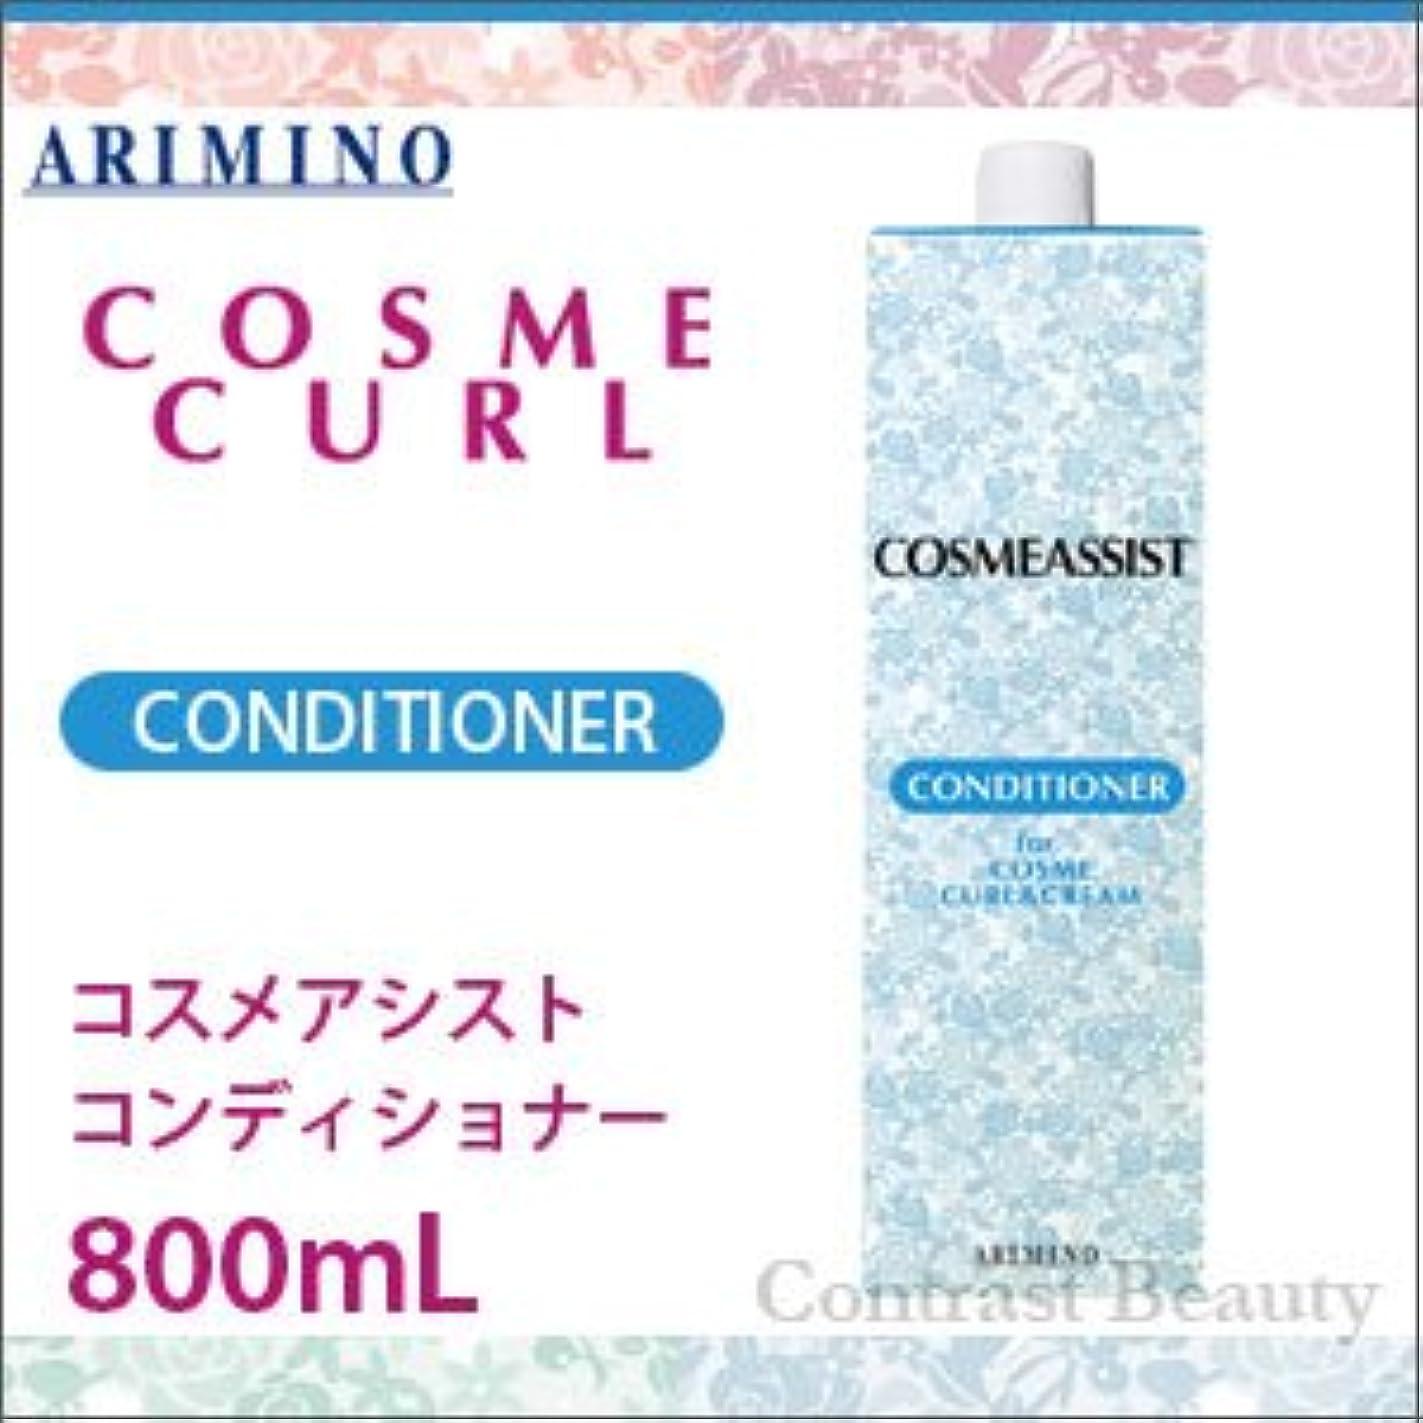 累計カビ飽和する【X2個セット】 アリミノ コスメアシスト コンディショナー 800ml